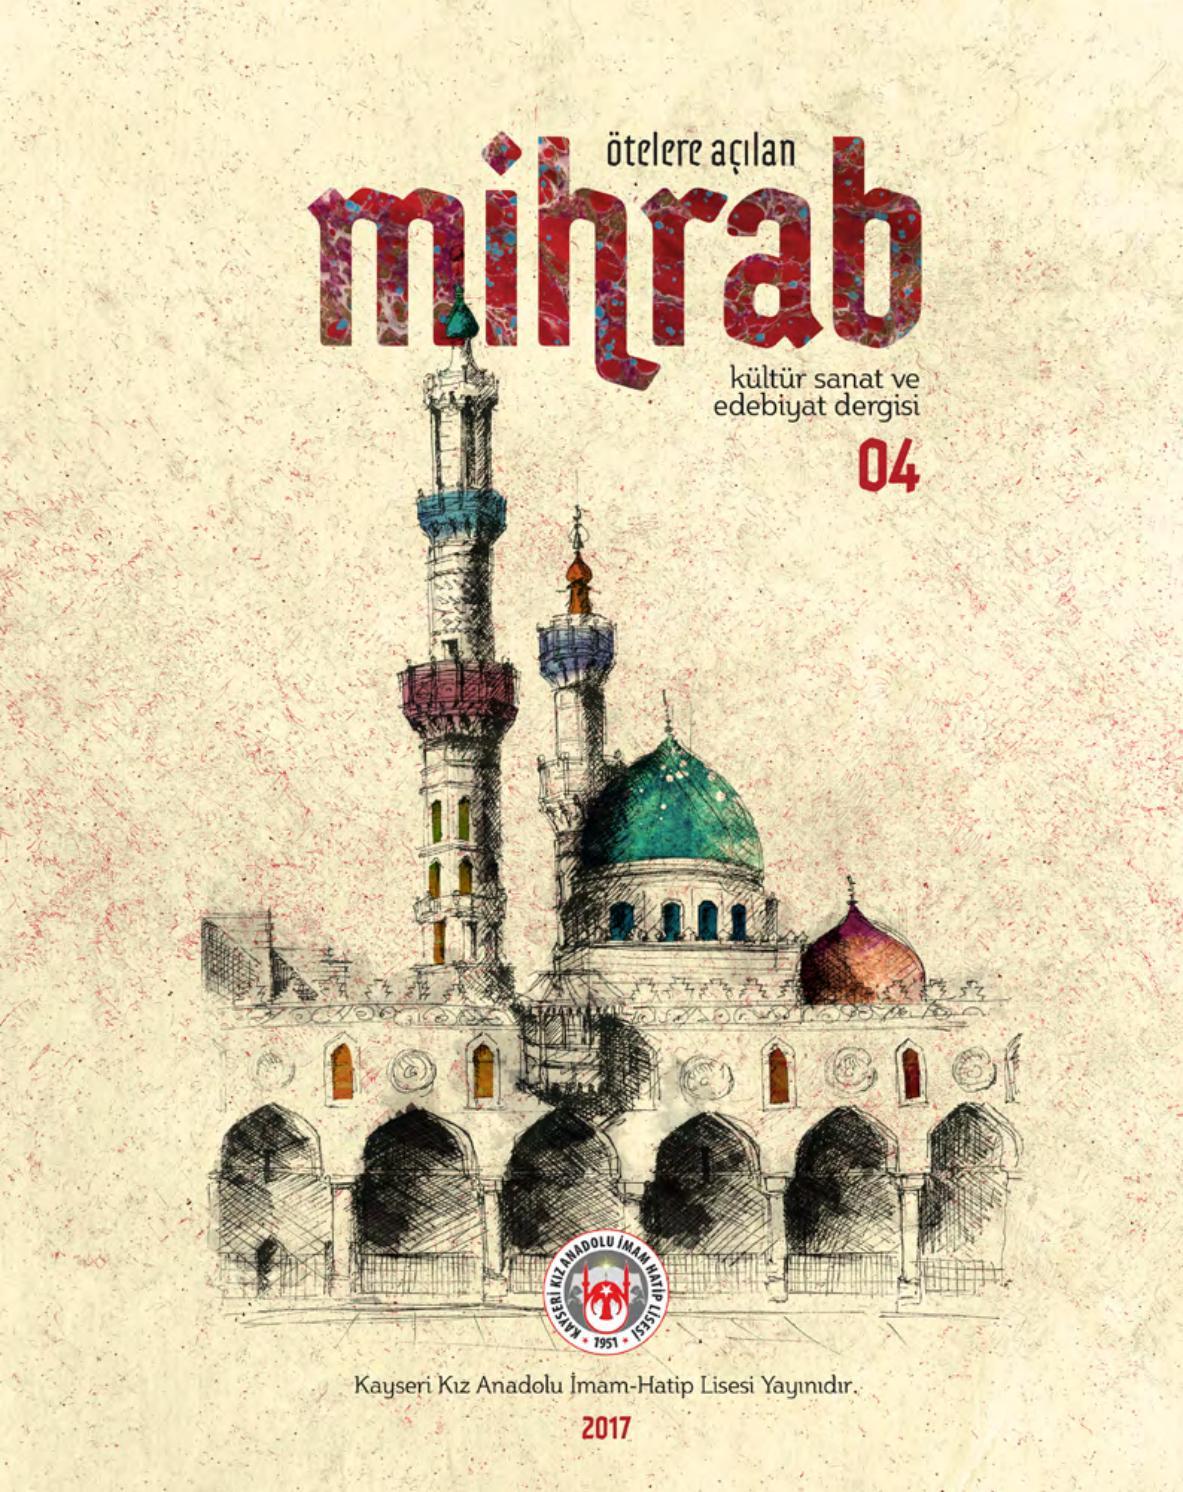 Deve: Millerın rüya kitabı, Müslüman rüya kitabı. Develer ne hakkında hayal ediyor